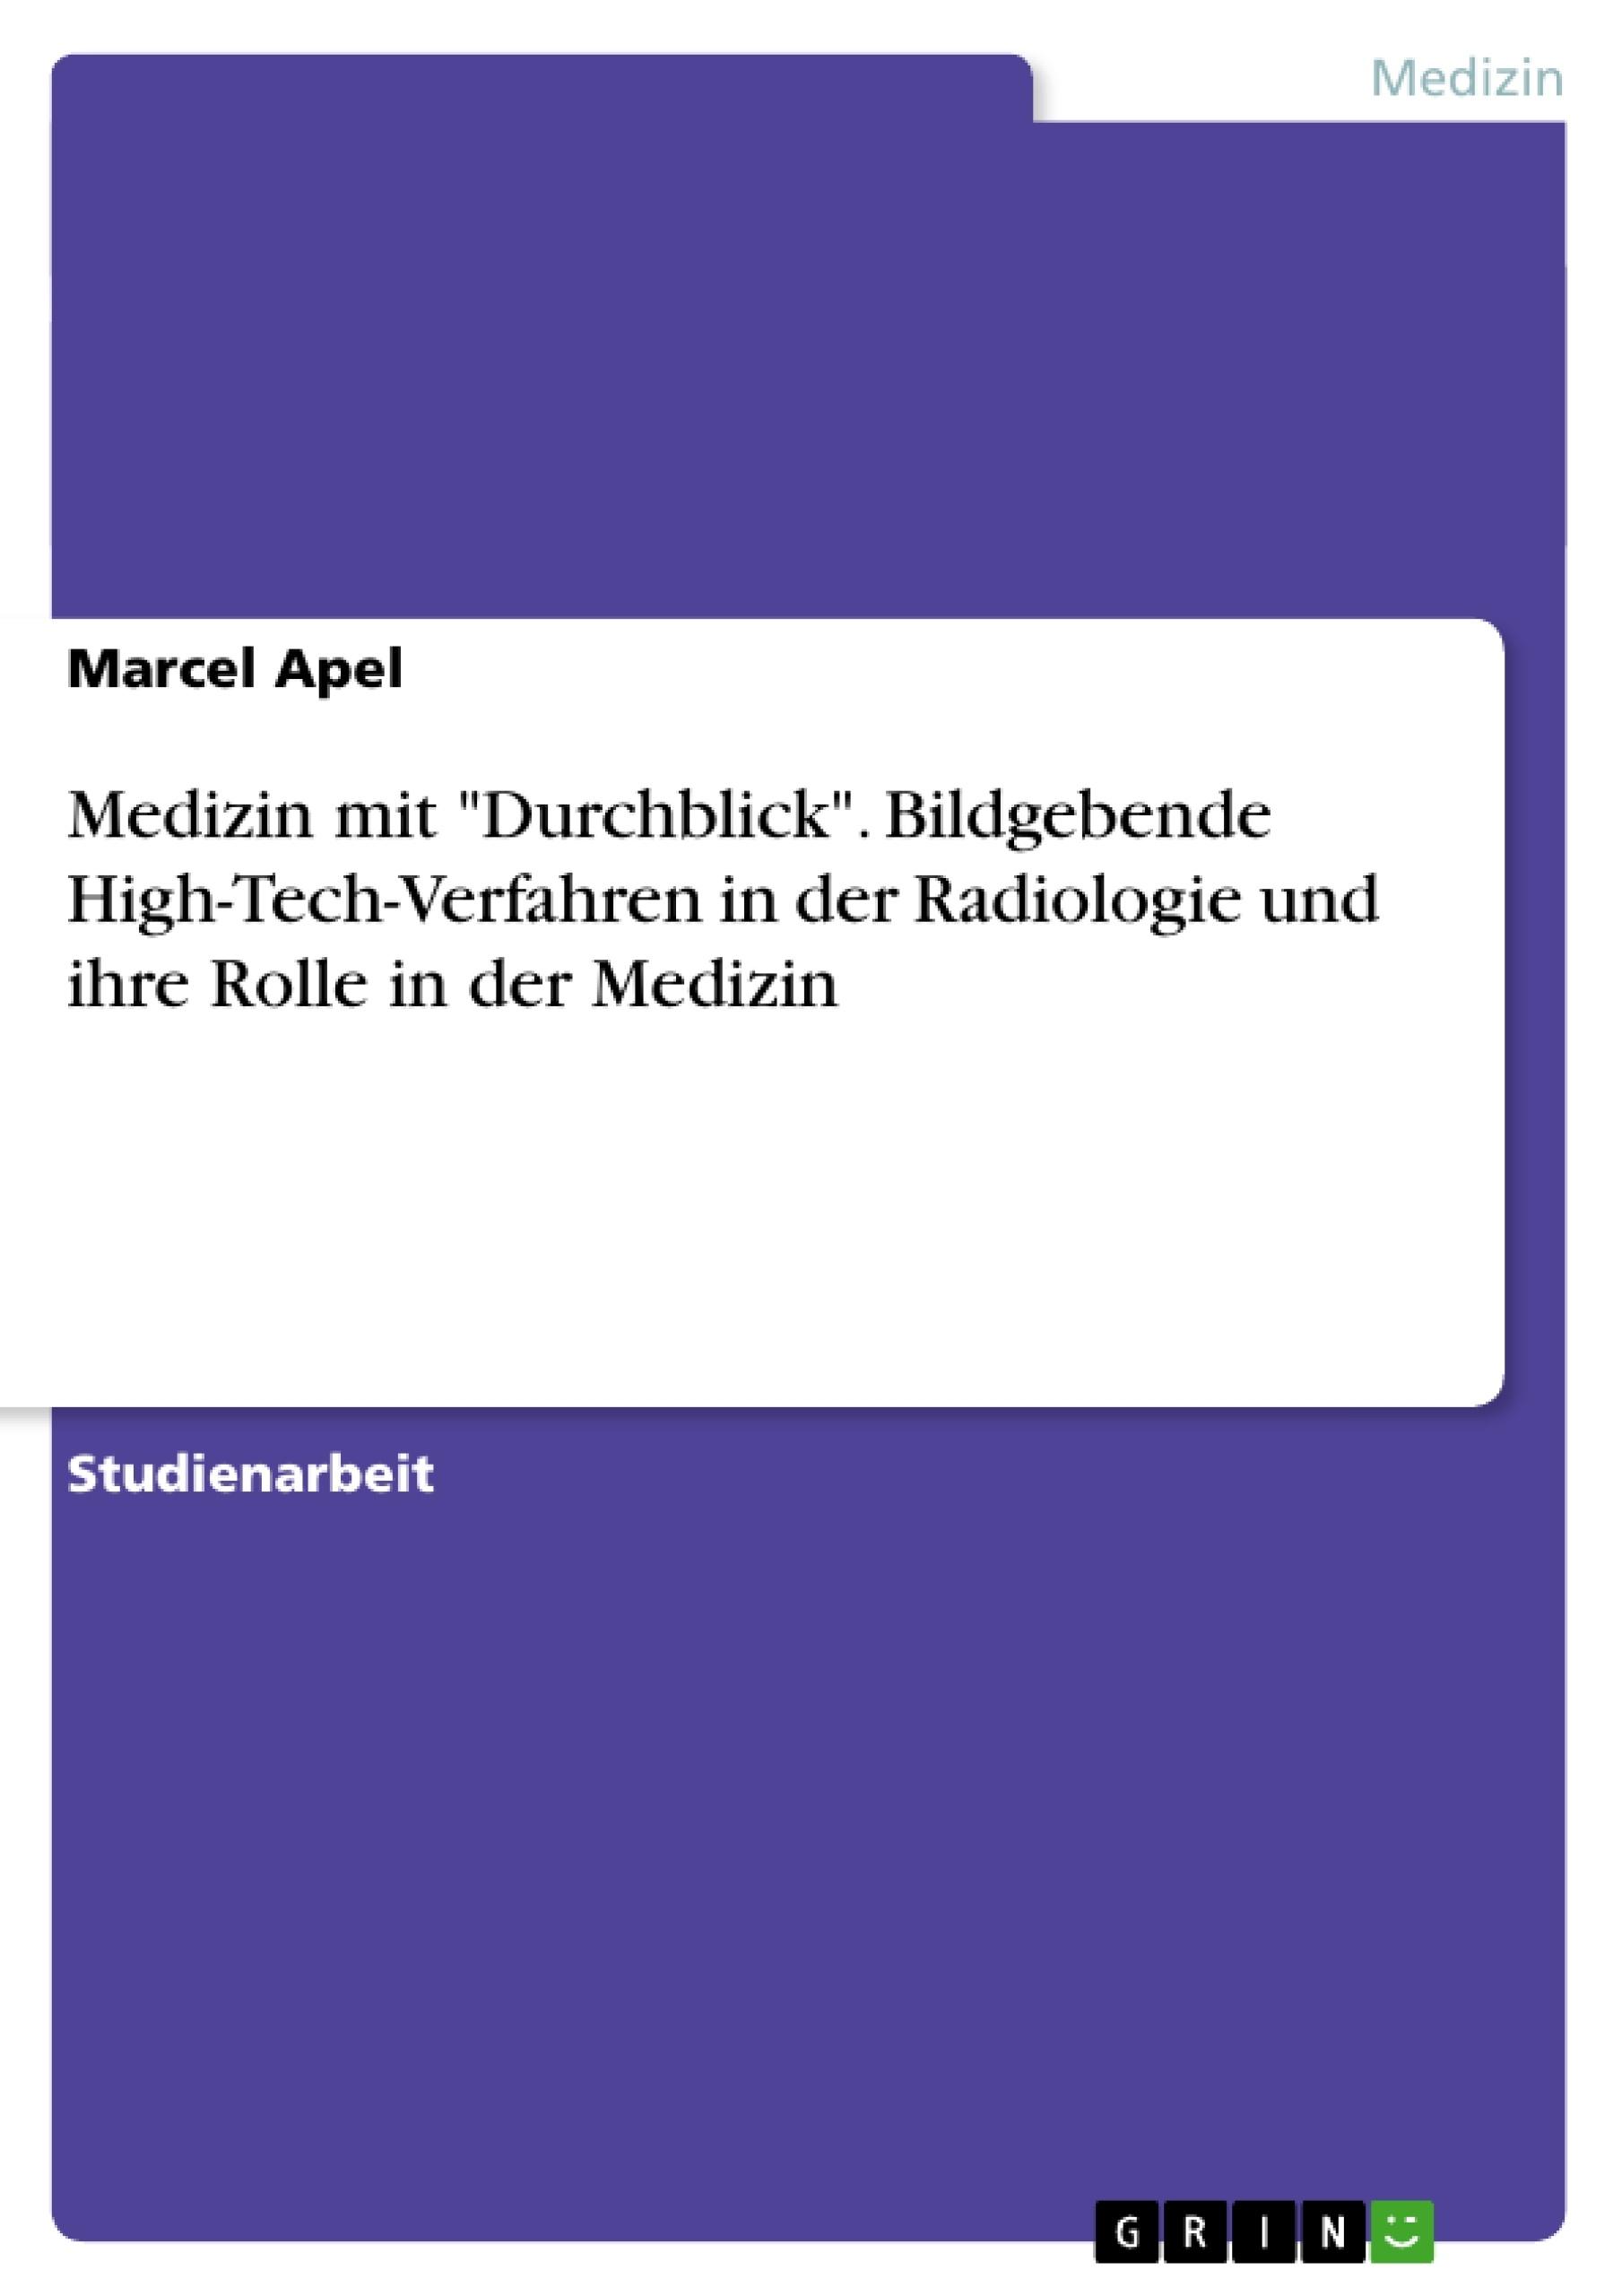 """Titel: Medizin mit """"Durchblick"""". Bildgebende High-Tech-Verfahren in der Radiologie und ihre Rolle in der Medizin"""